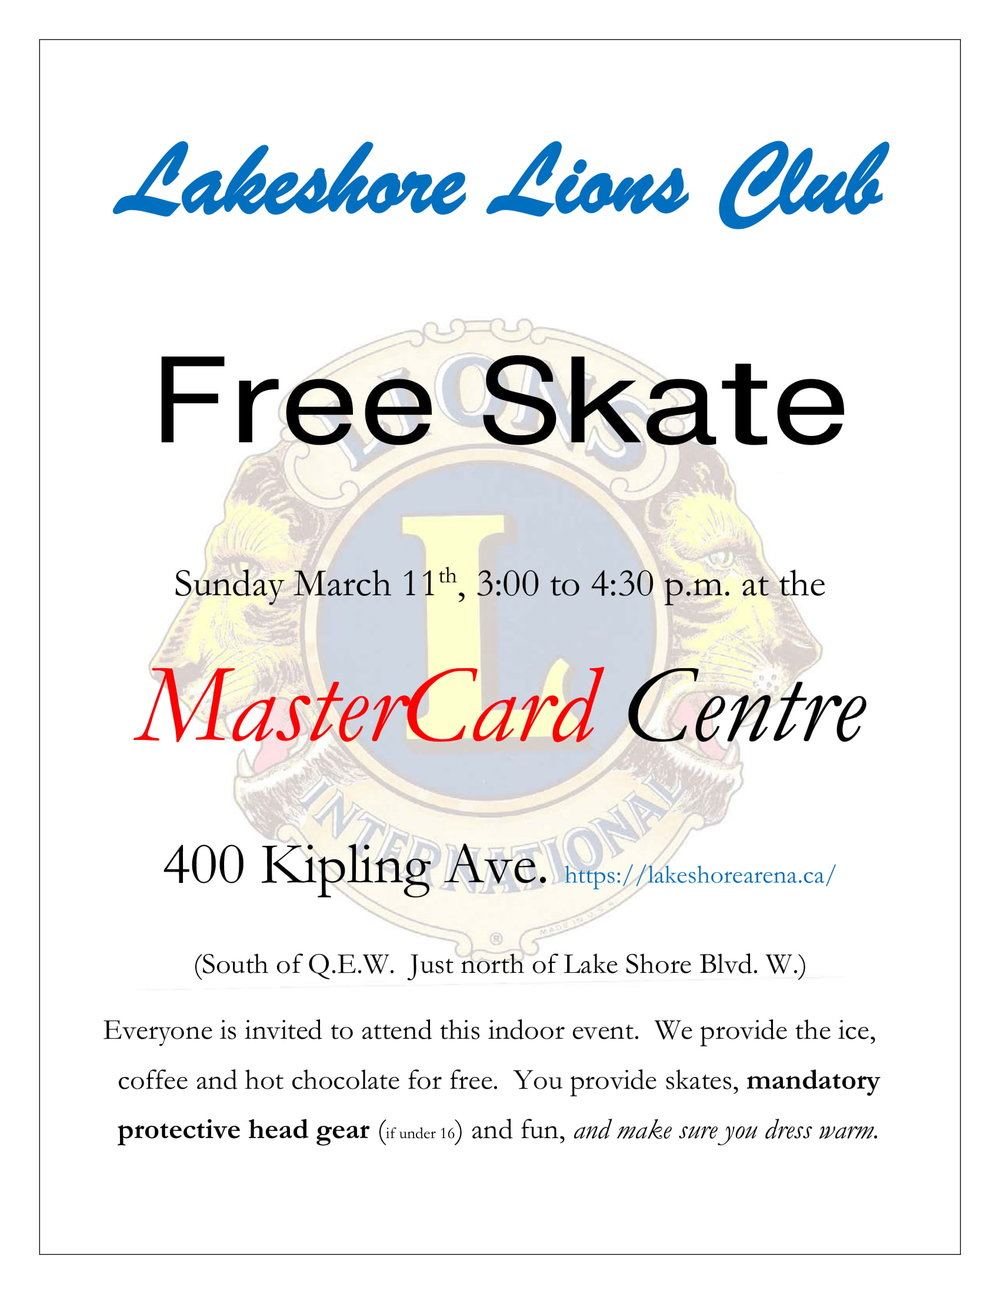 LLClub Free Skate Flyer 2018-1.jpg